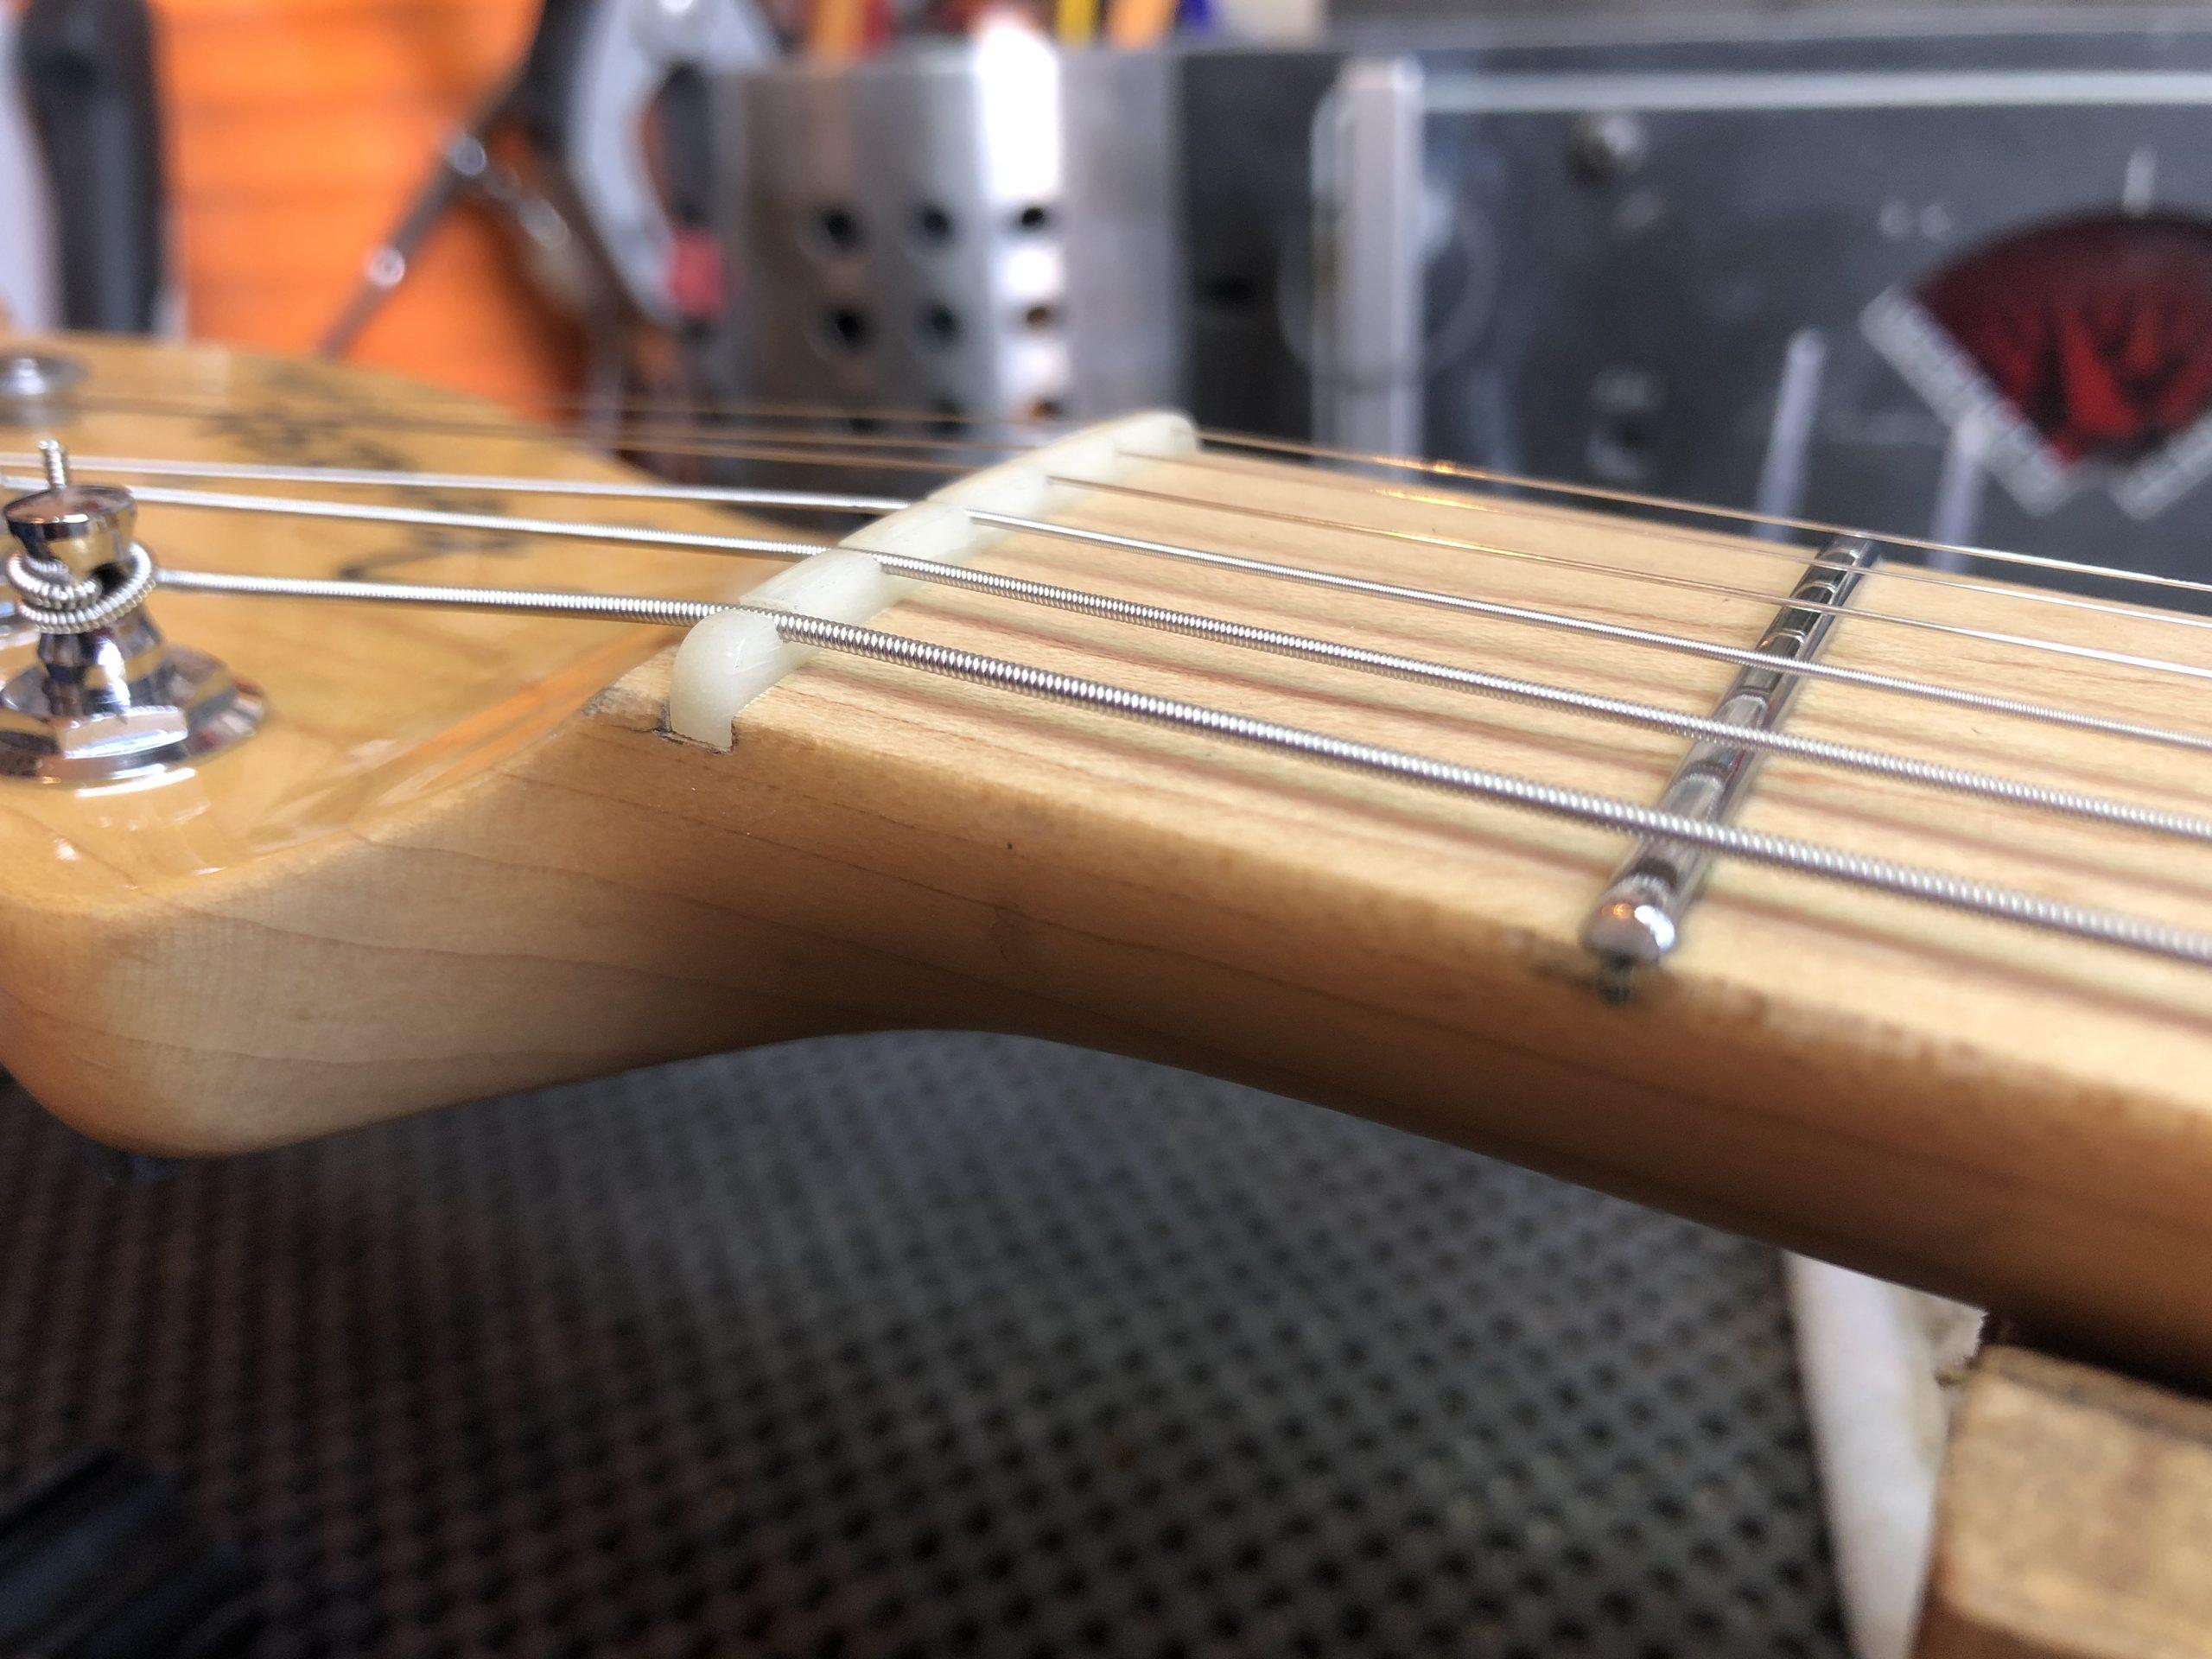 String hight at nut set